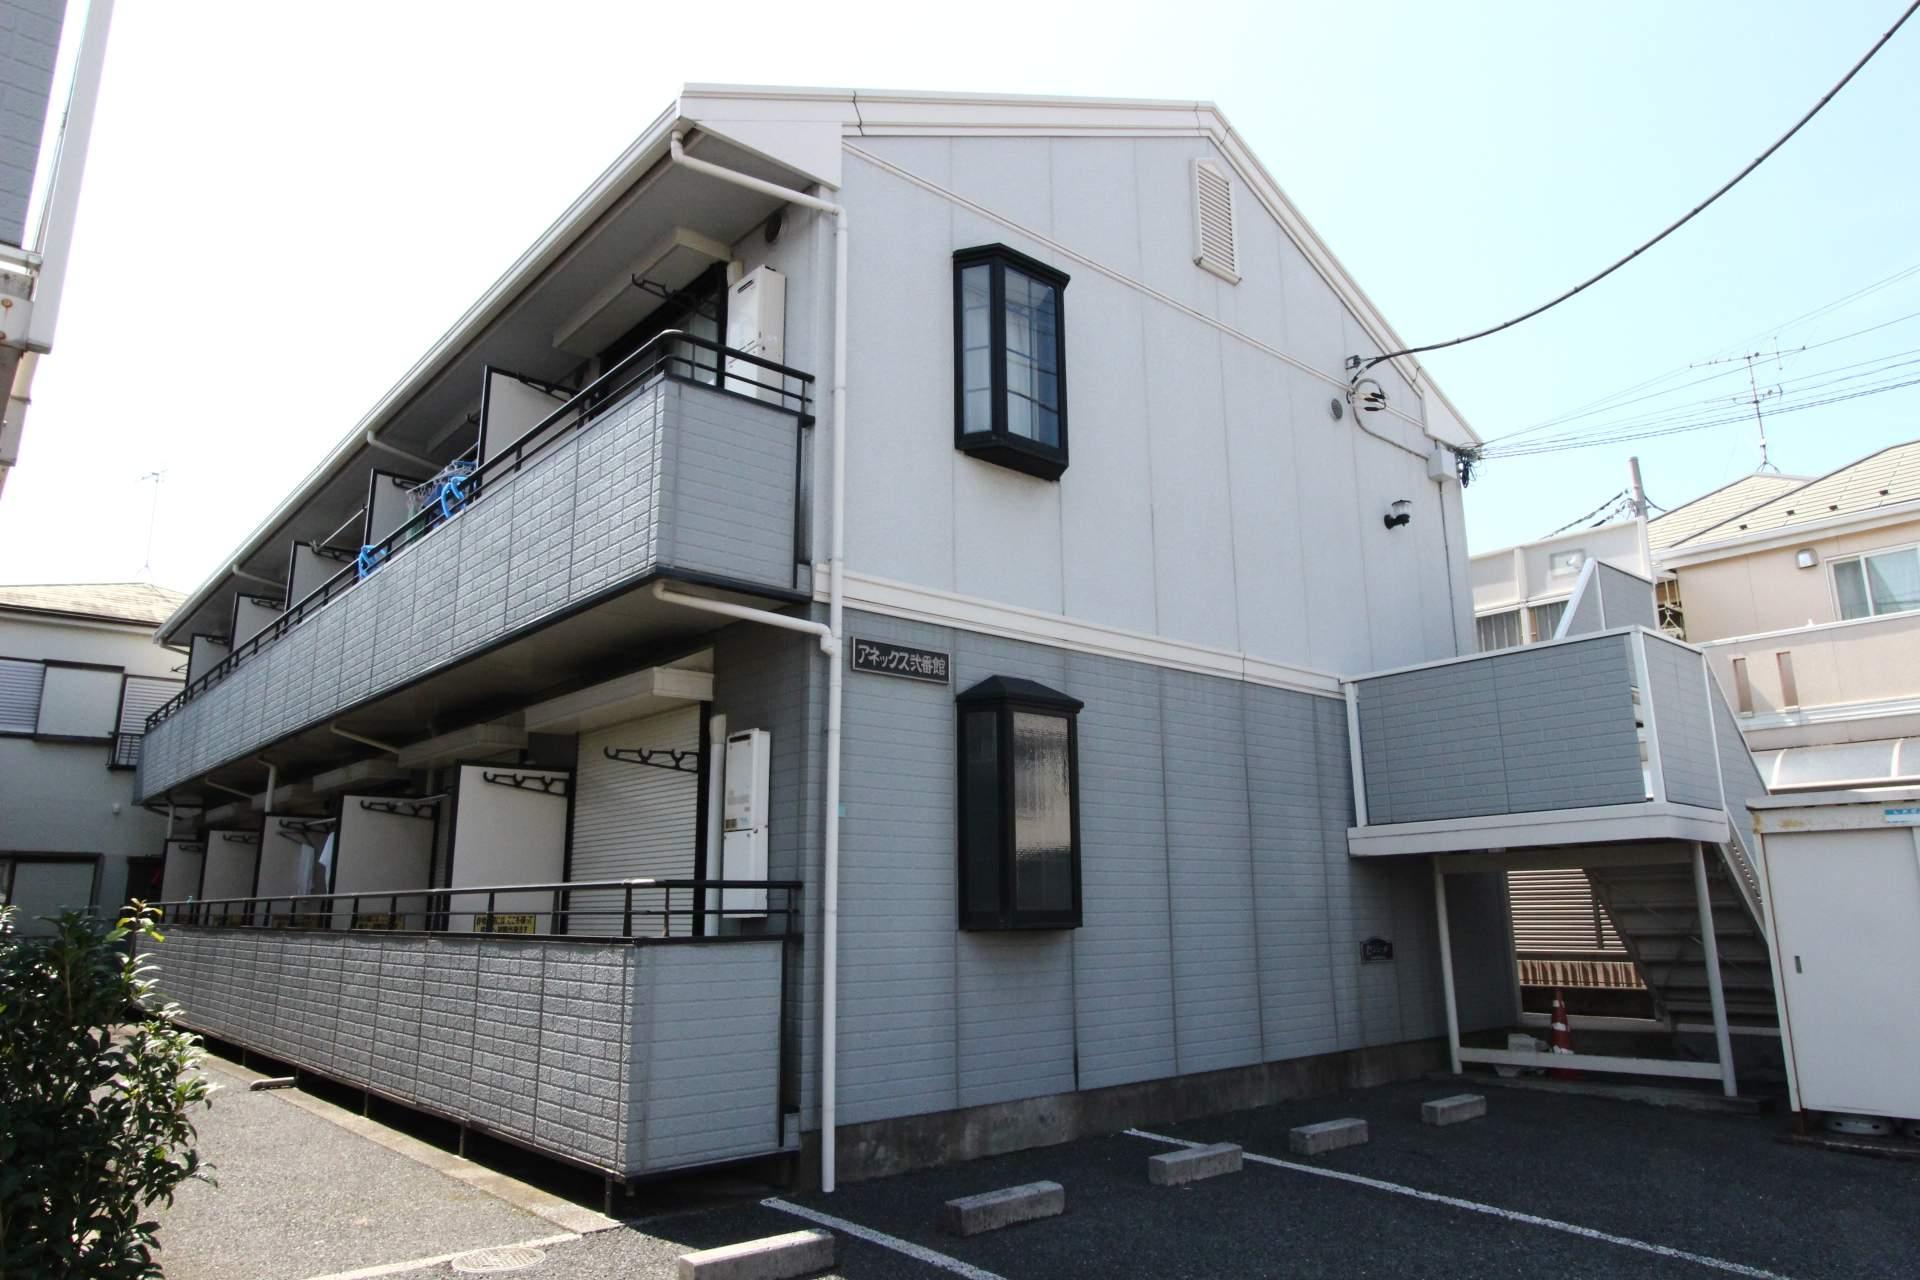 東京都江戸川区、一之江駅徒歩31分の築23年 2階建の賃貸アパート